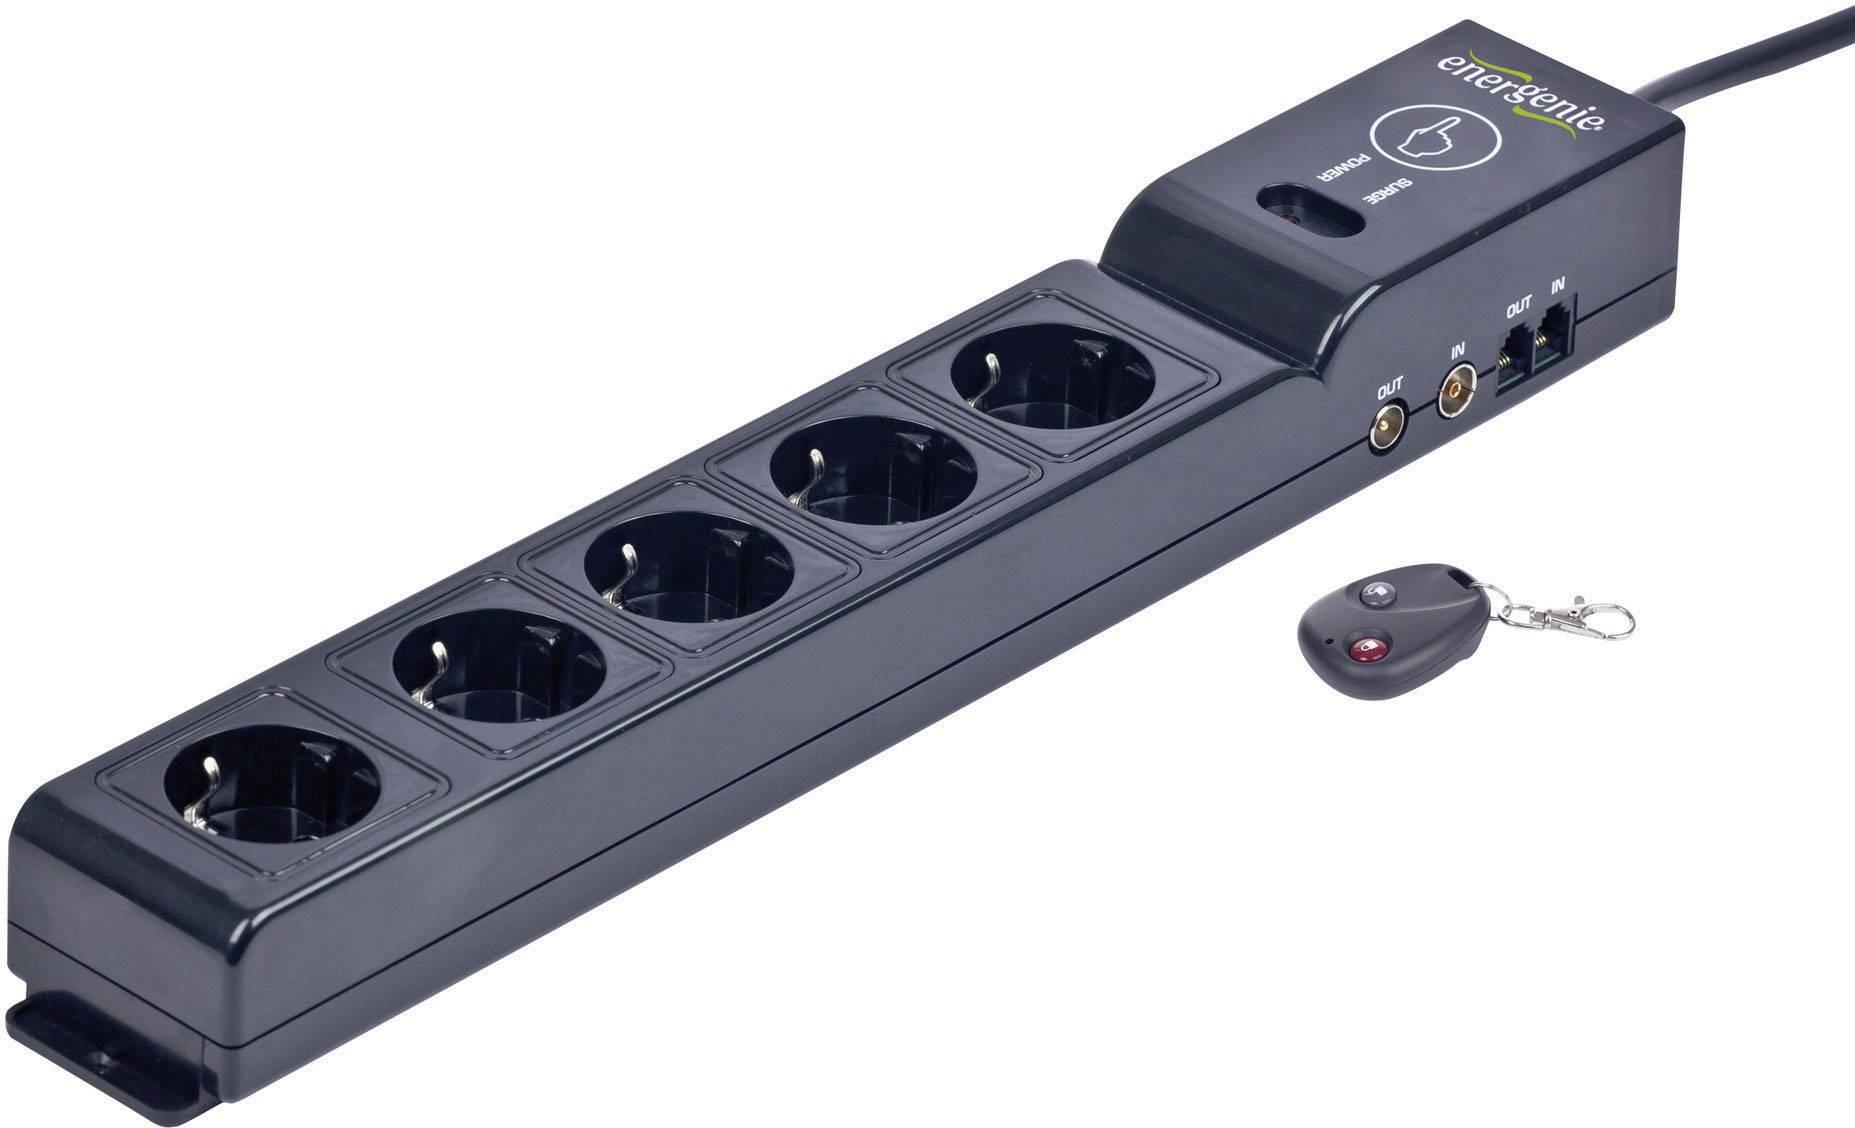 Zásuvková lišta s prepäťovou ochranou a diaľkovým ovládaním Gembird, 5 zásuviek, čierna